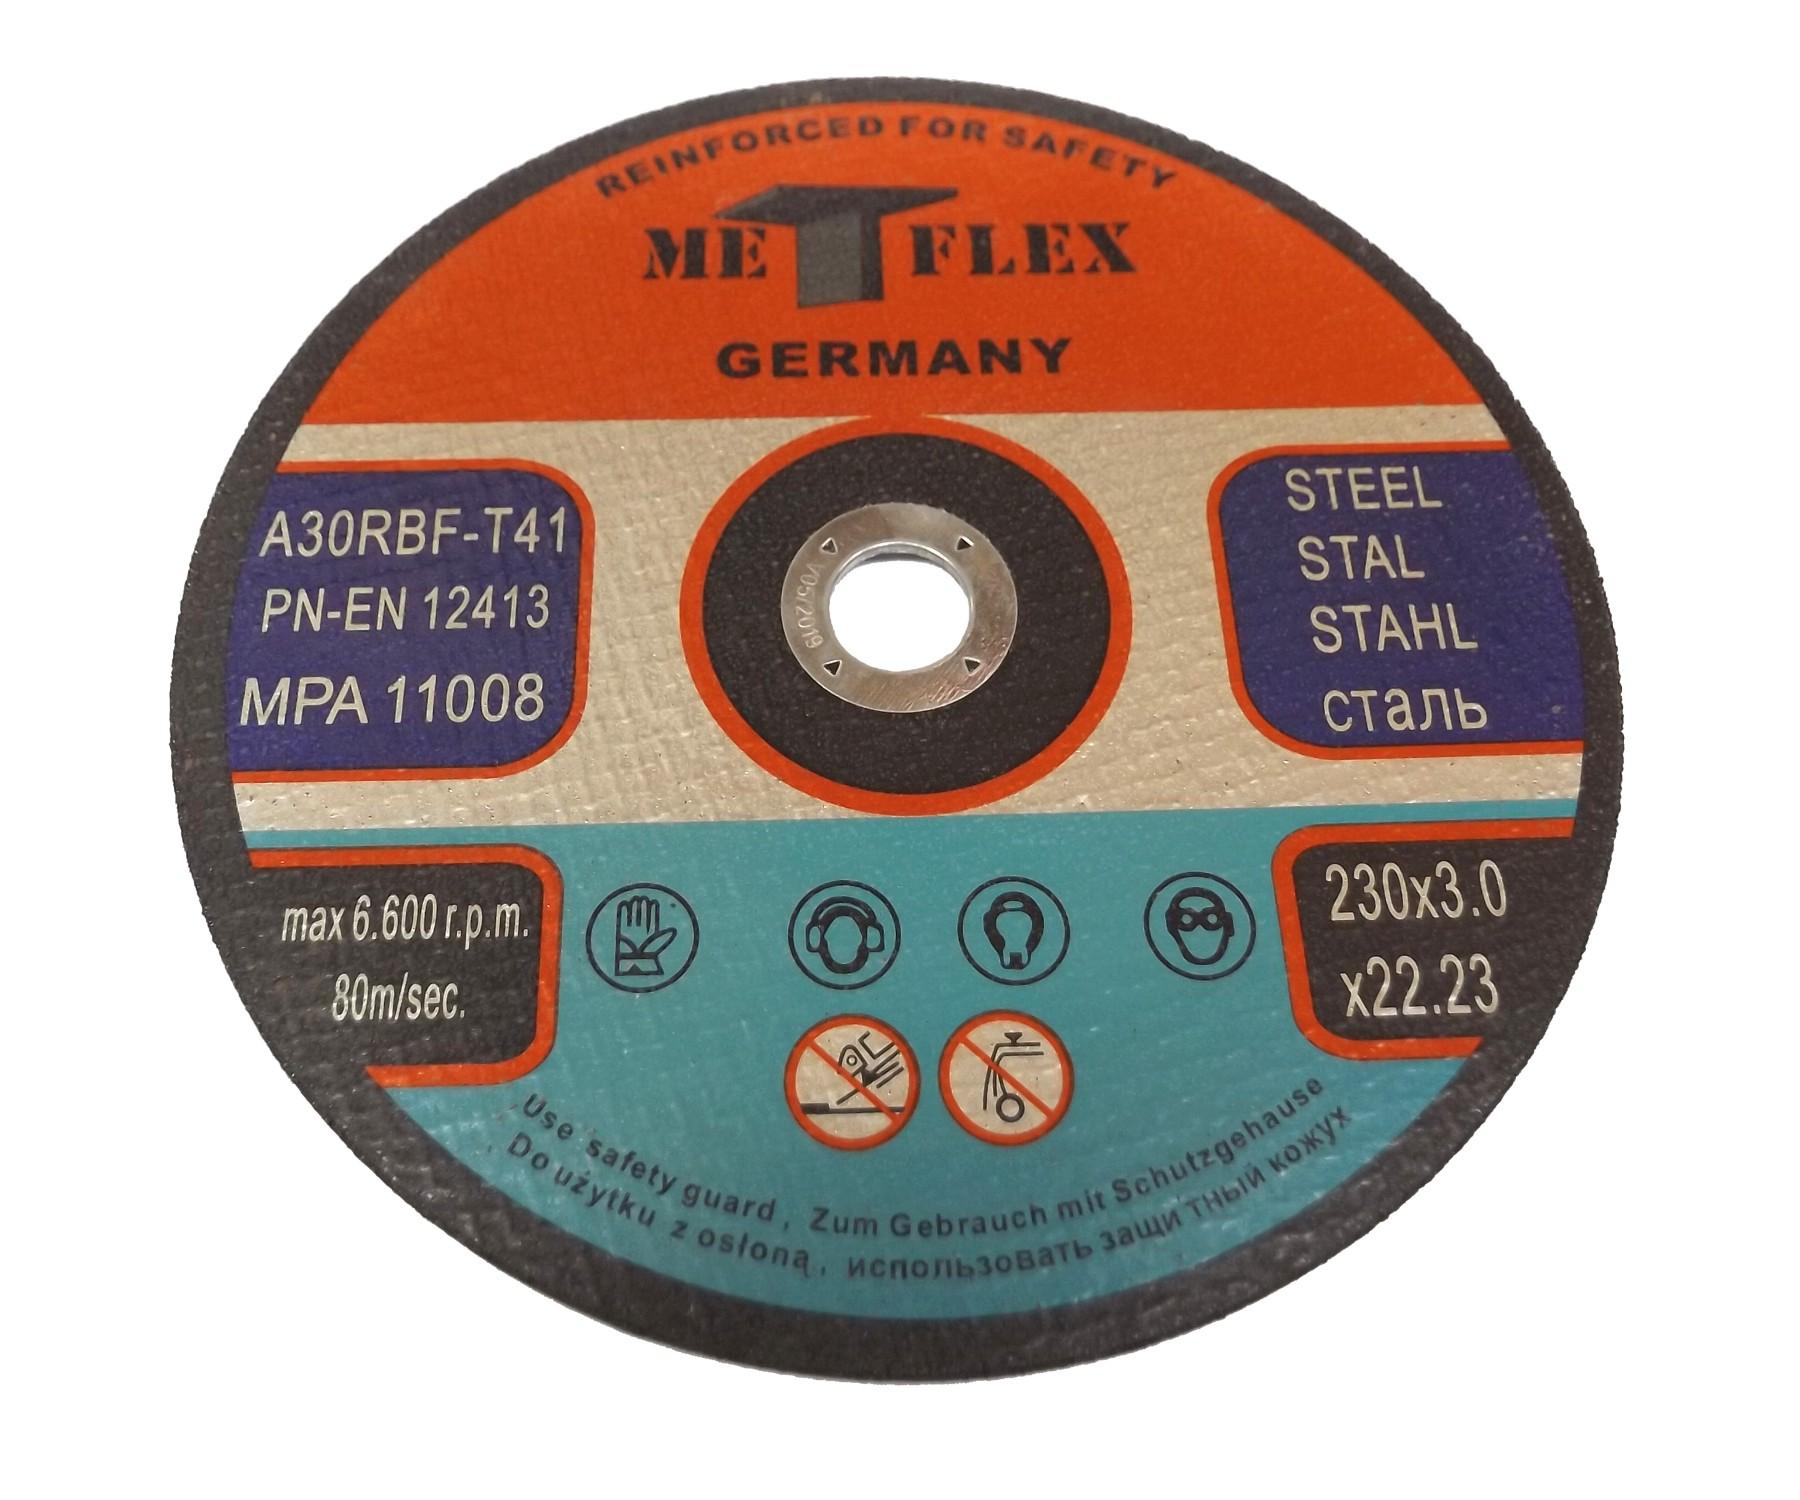 Tarcza tarcze do cięcia stali metalu METF 230x3,0